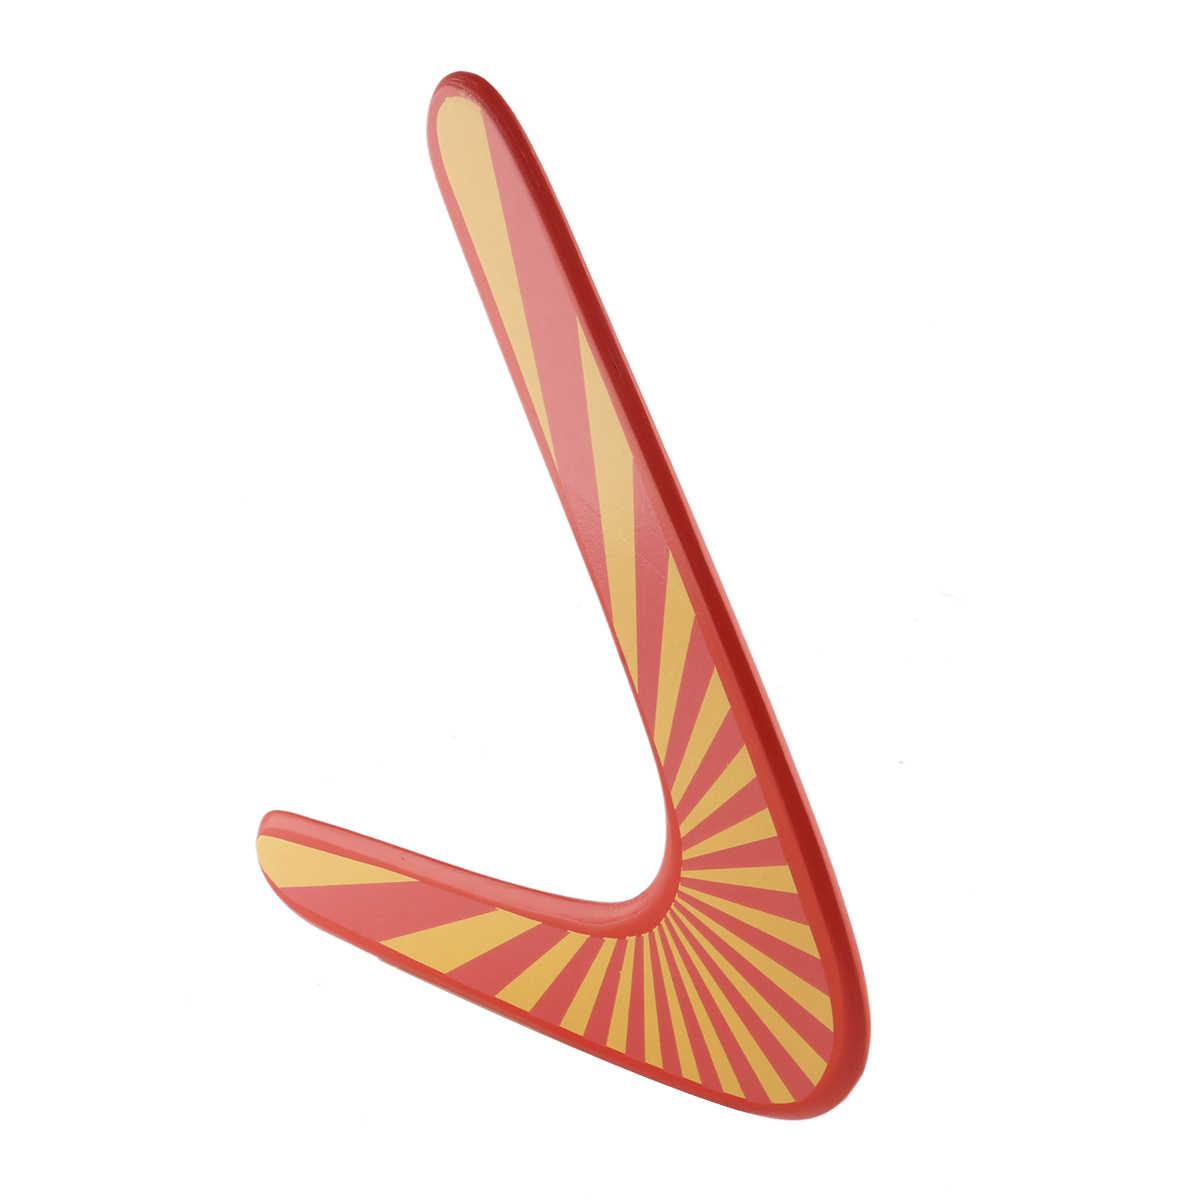 المهنية الخشب Boomerang لعب رياضية دي Madera Bois الاطفال لعبة تحلق في الهواء الطلق الخامس على شكل يرتد نبال مضحك الصحن رمي الصيد